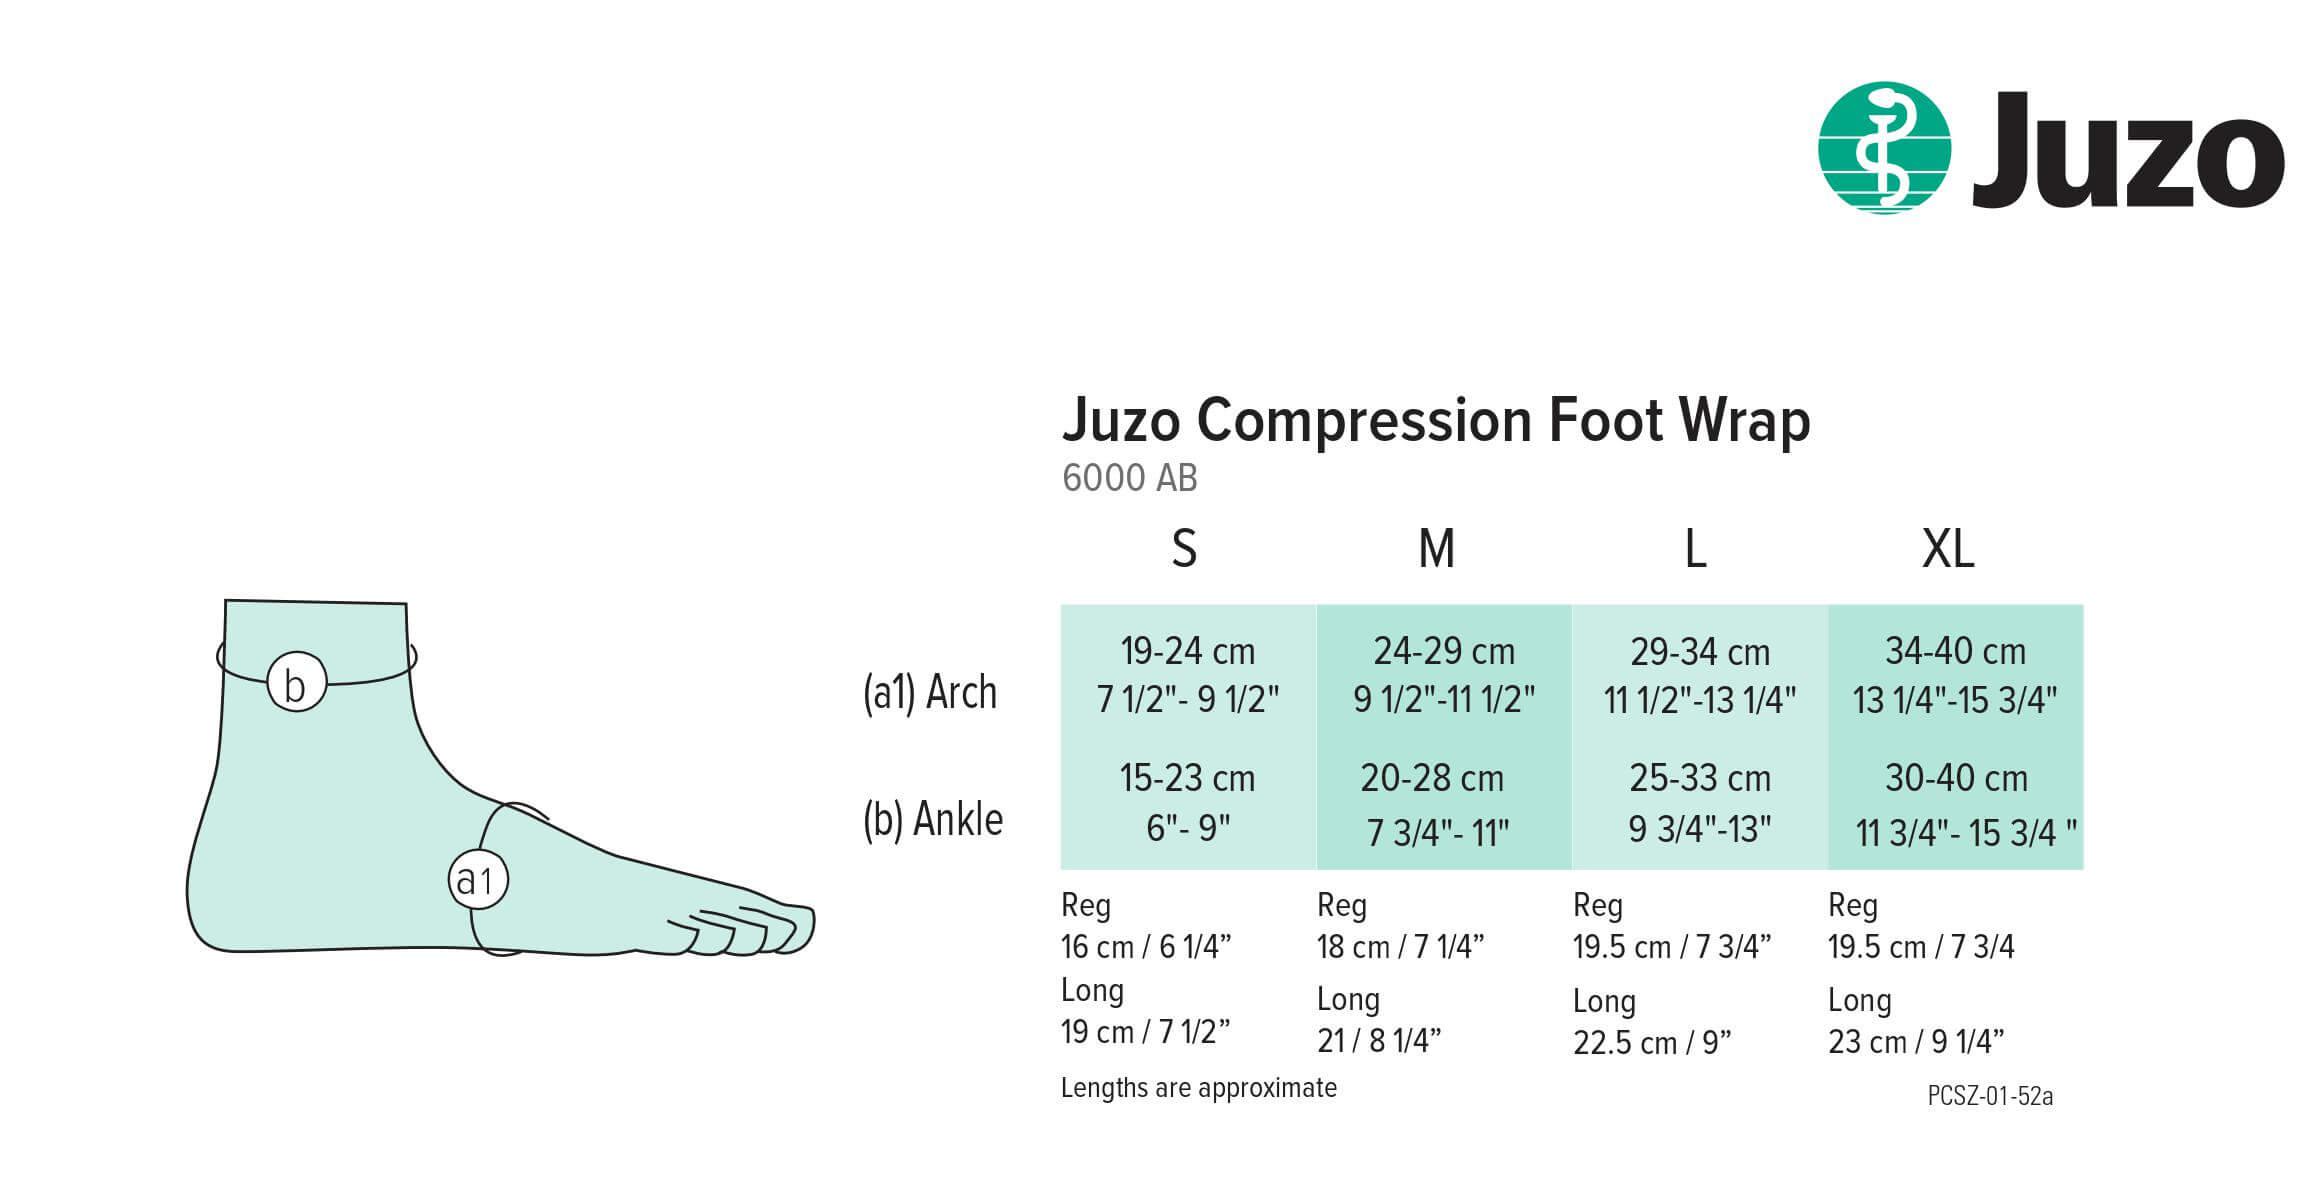 juzo foot wrap sizing chart